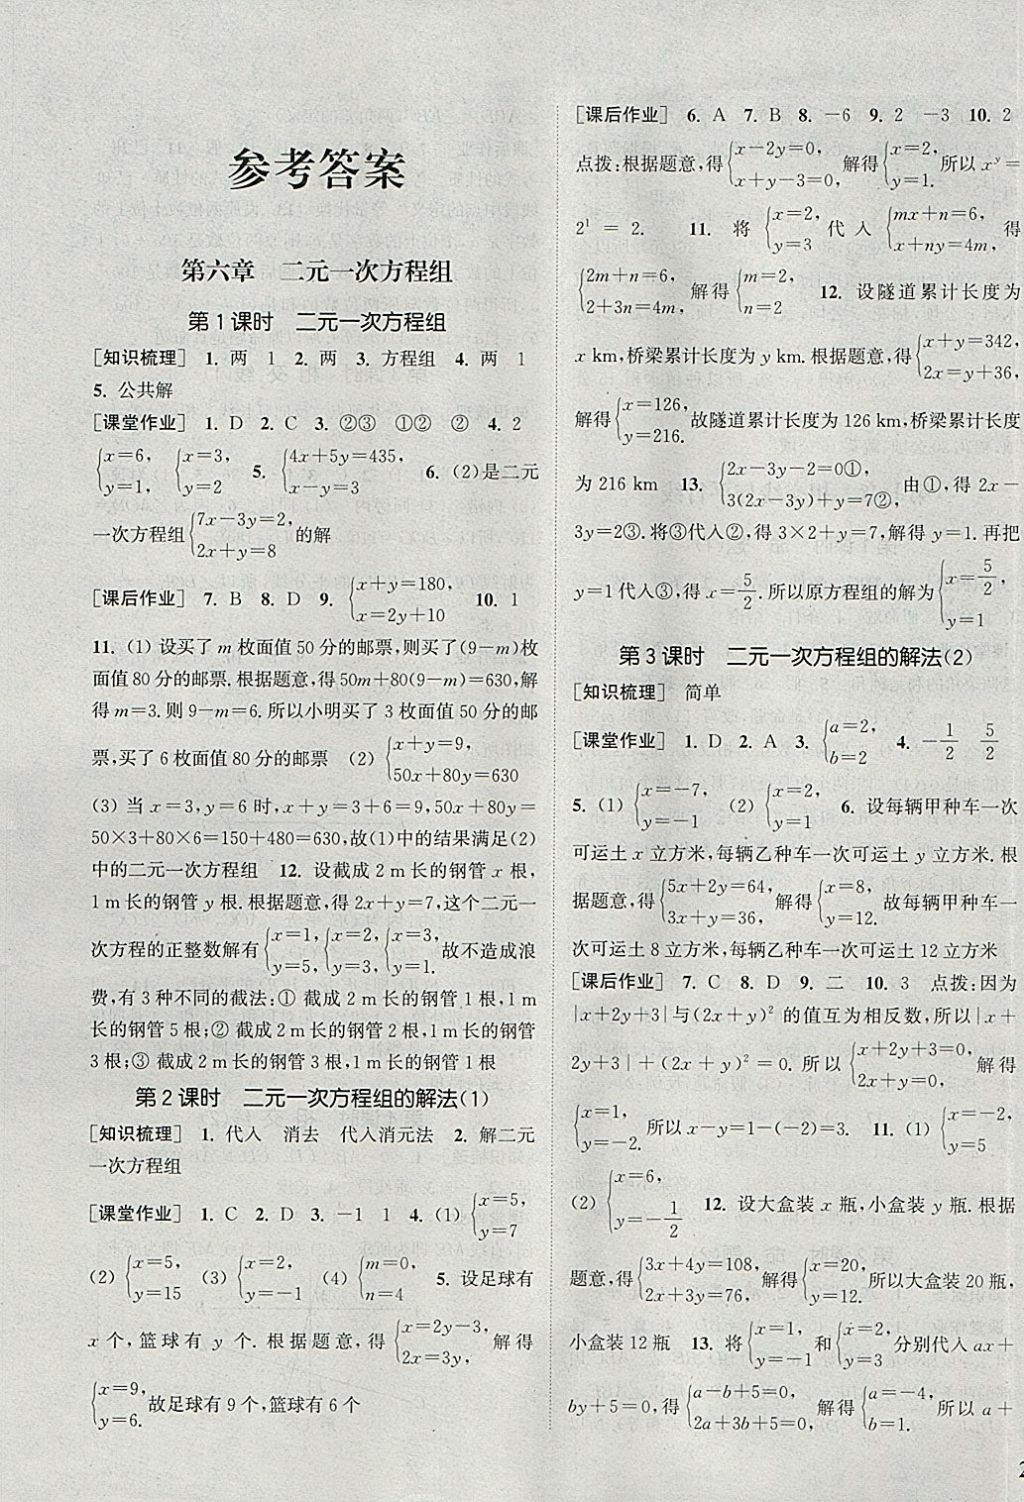 2018年通城学典课时作业本七年级数学下册冀教版参考答案第1页